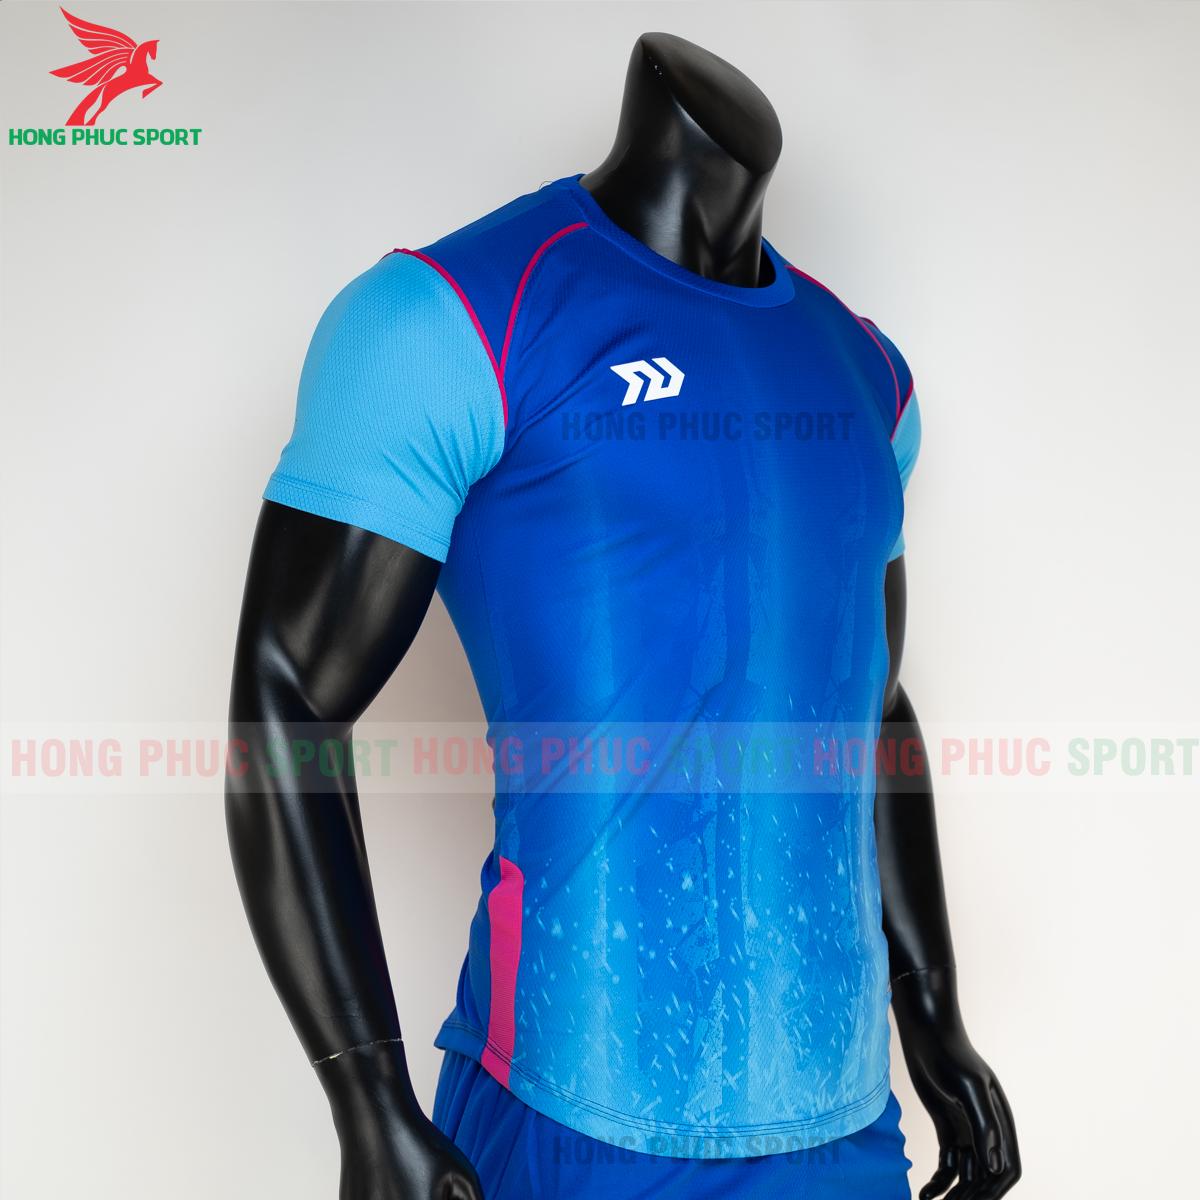 https://cdn.hongphucsport.com/unsafe/s4.shopbay.vn/files/285/ao-bong-da-khong-logo-bulbal-hades-mau-xanh-duong-5-604f32fb7b037.png